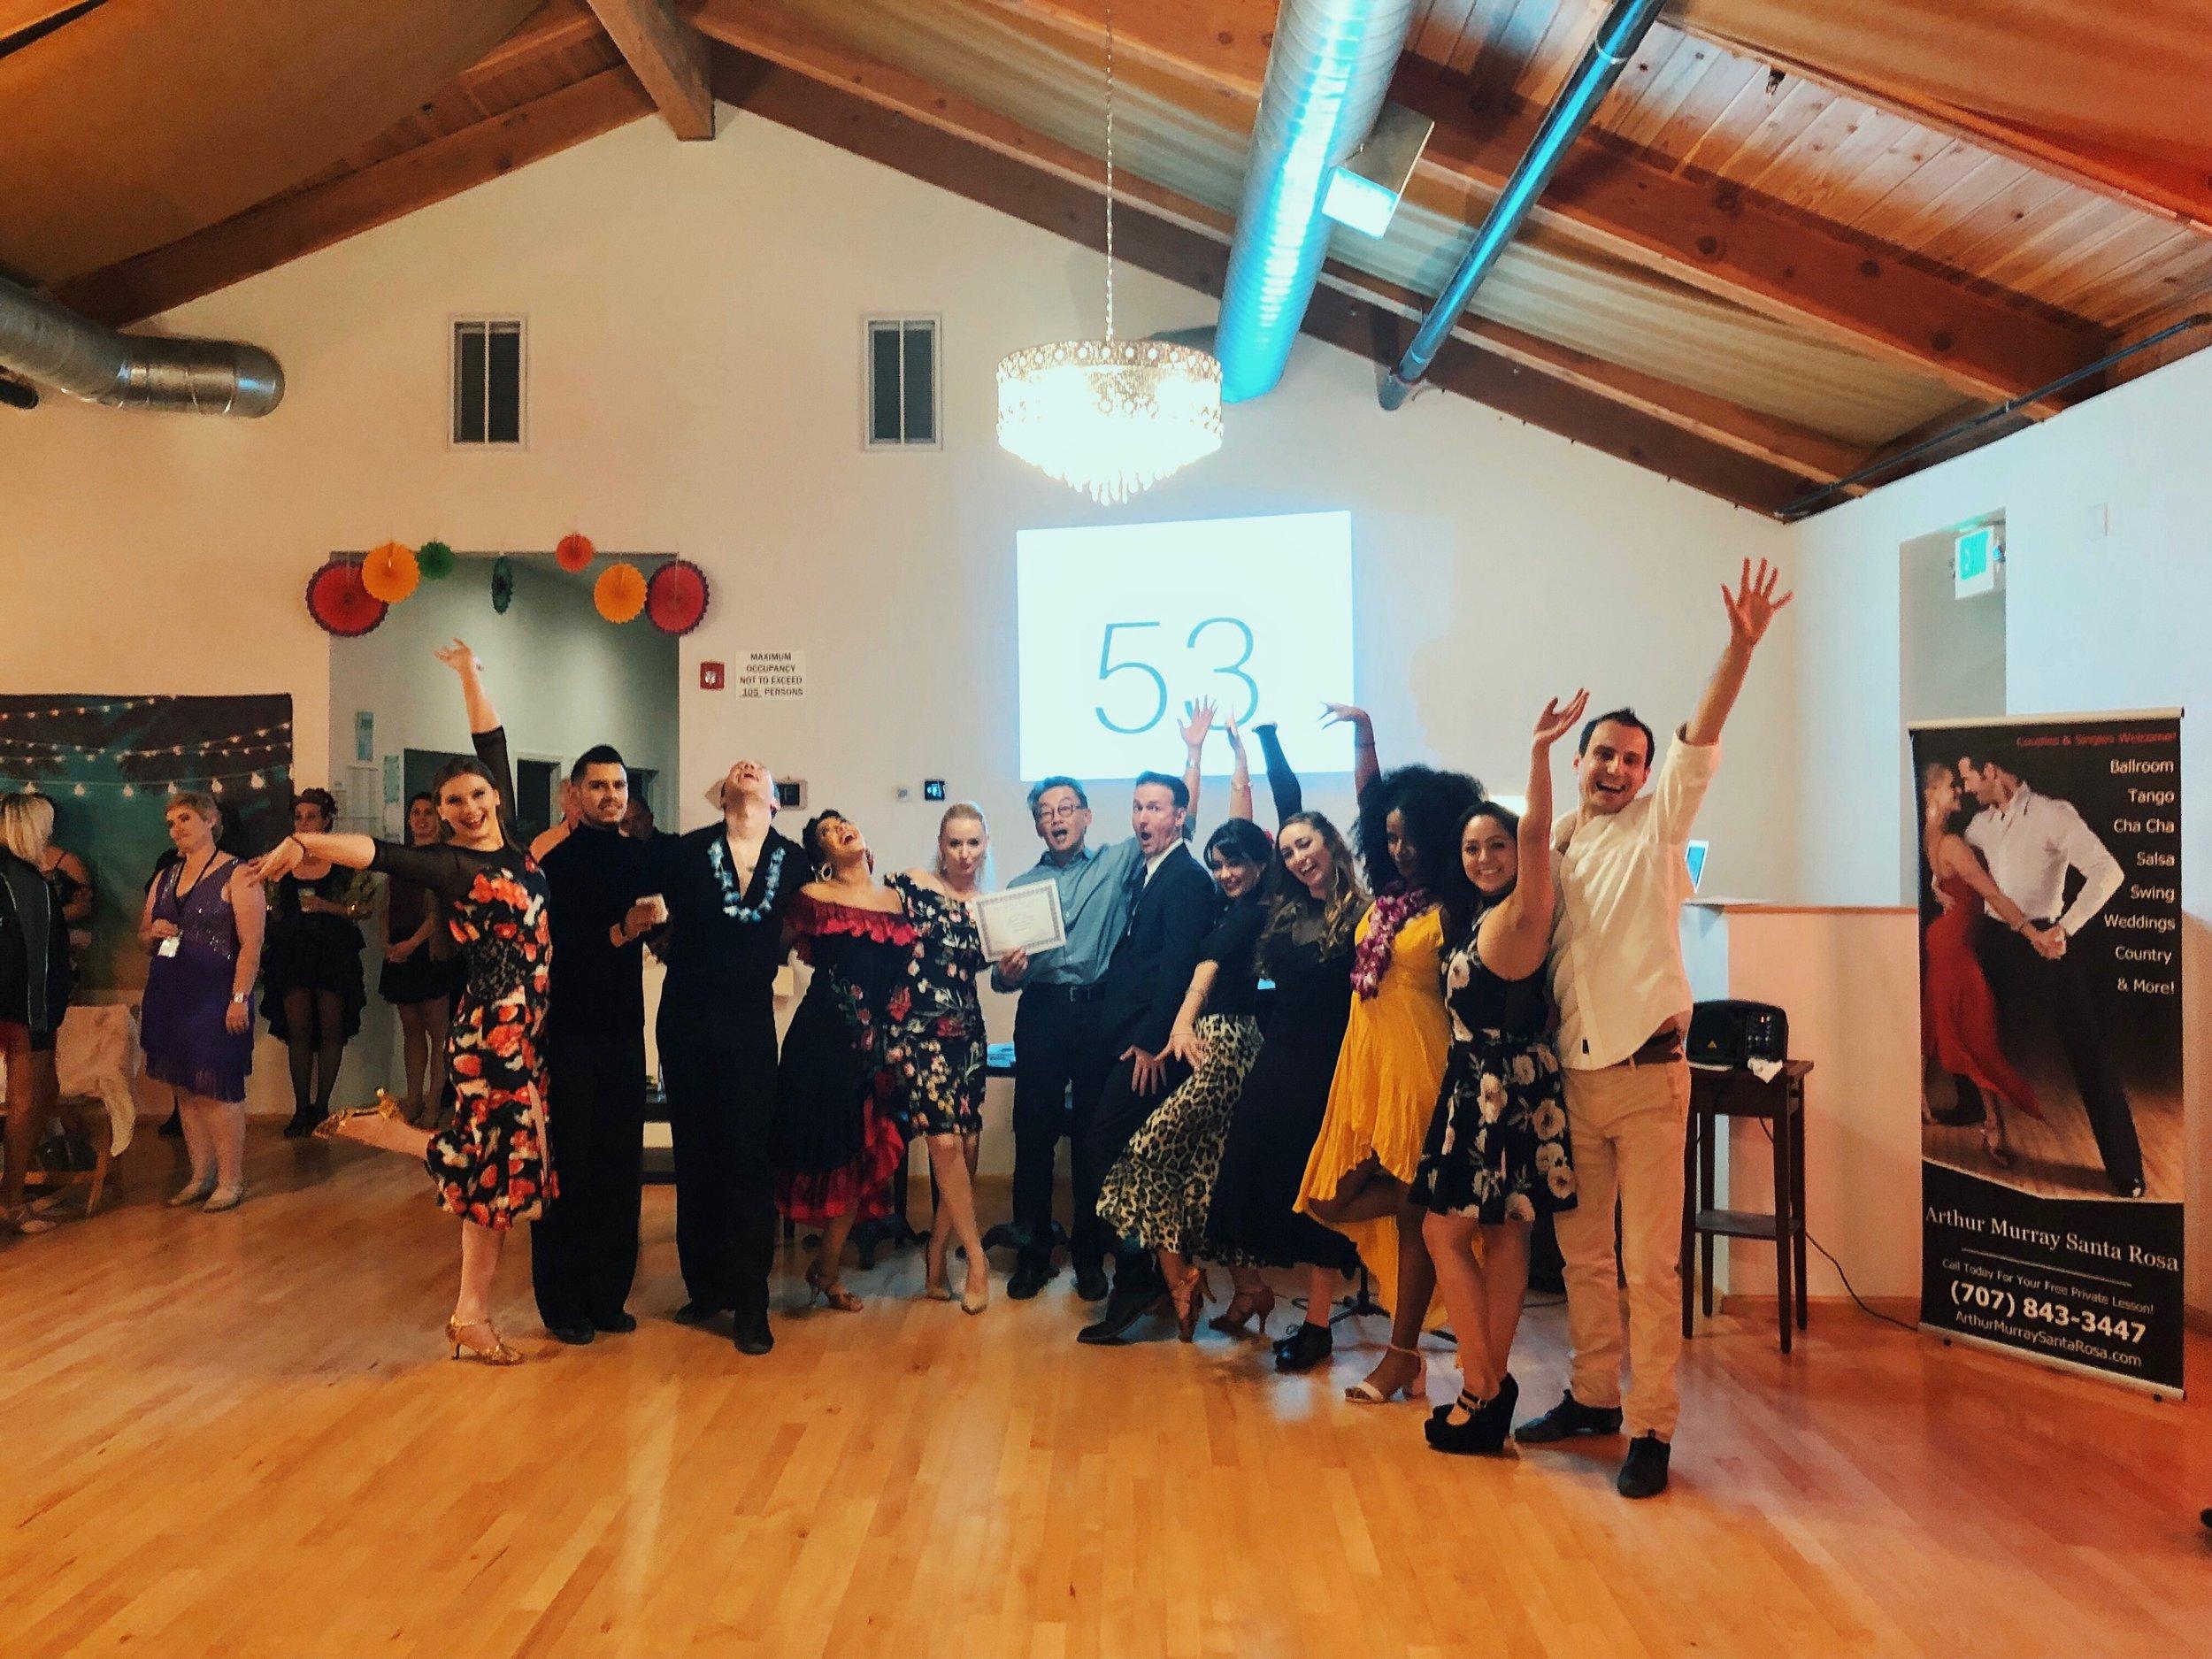 Graduation Celebrations- Arthur Murray Santa Rosa Havana Nights Medal Ball